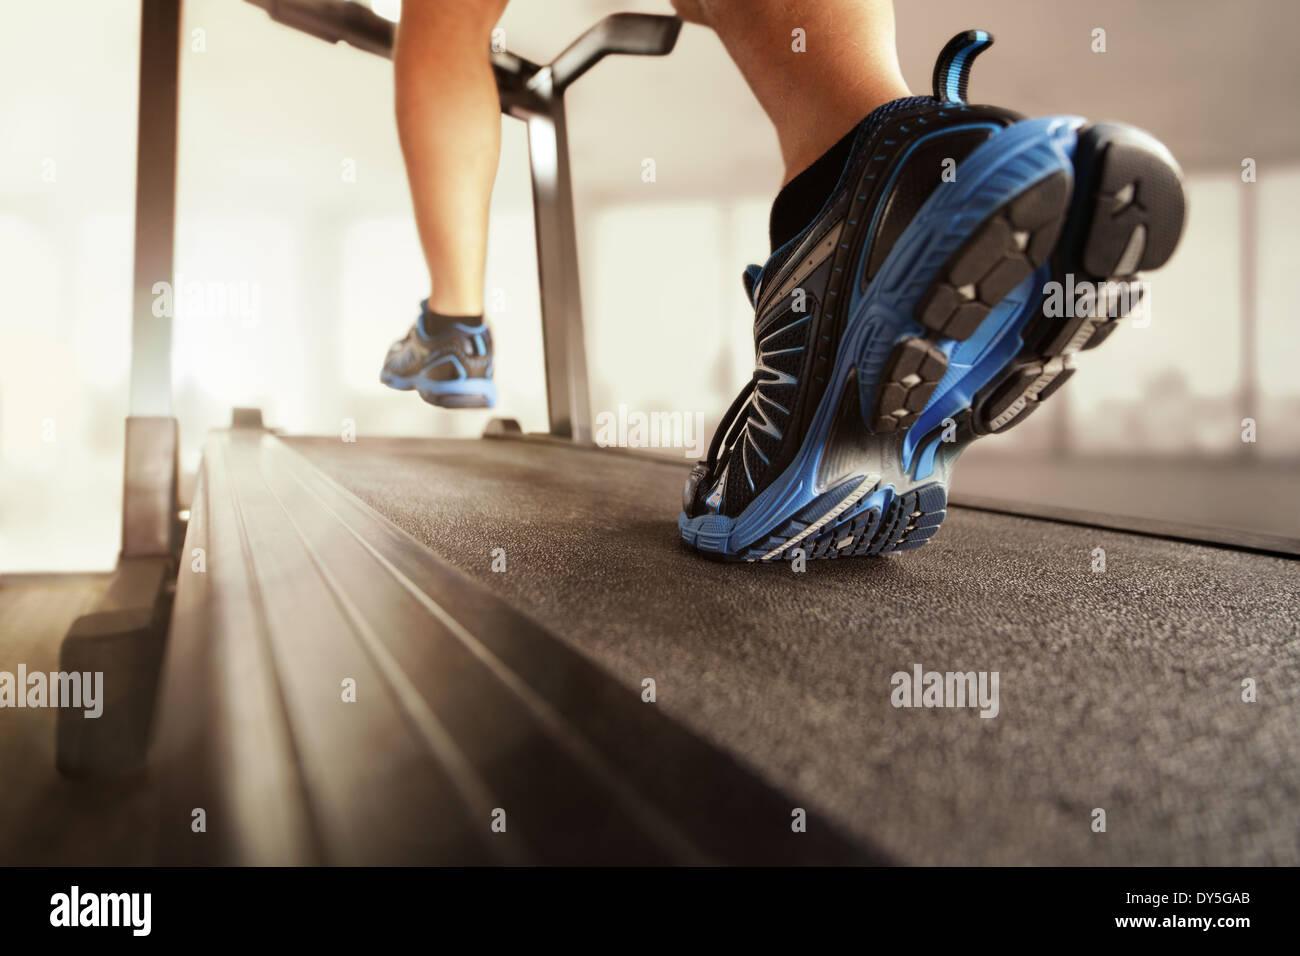 Courir sur un tapis roulant Photo Stock